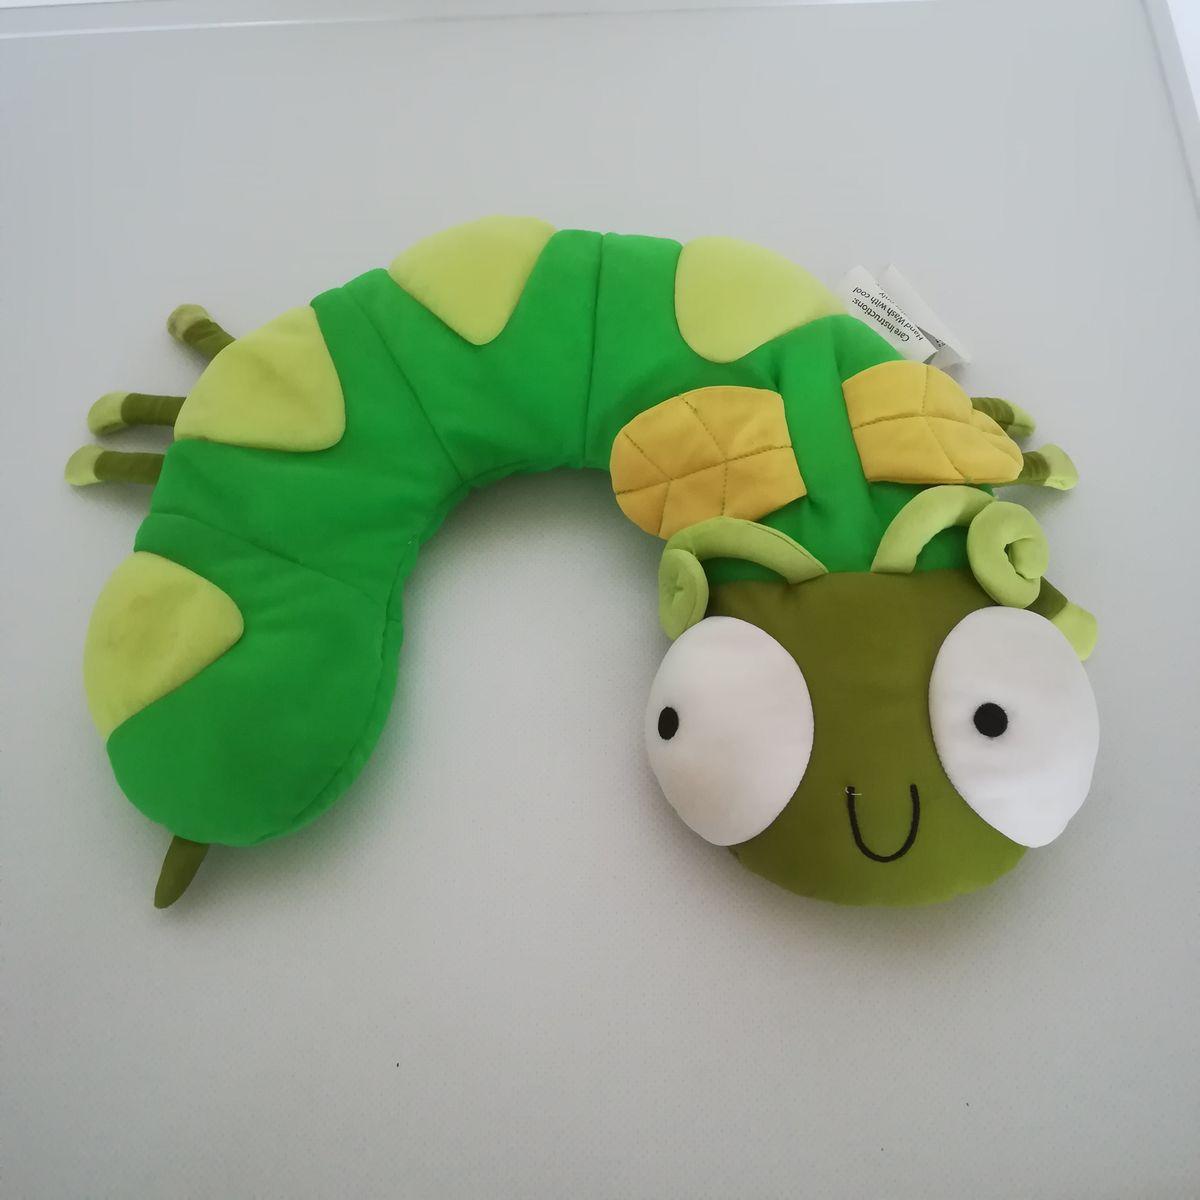 Zöld kukac formájú nyakpárna  Zöld kukac formájú nyakpárna ... 857d60c3f8